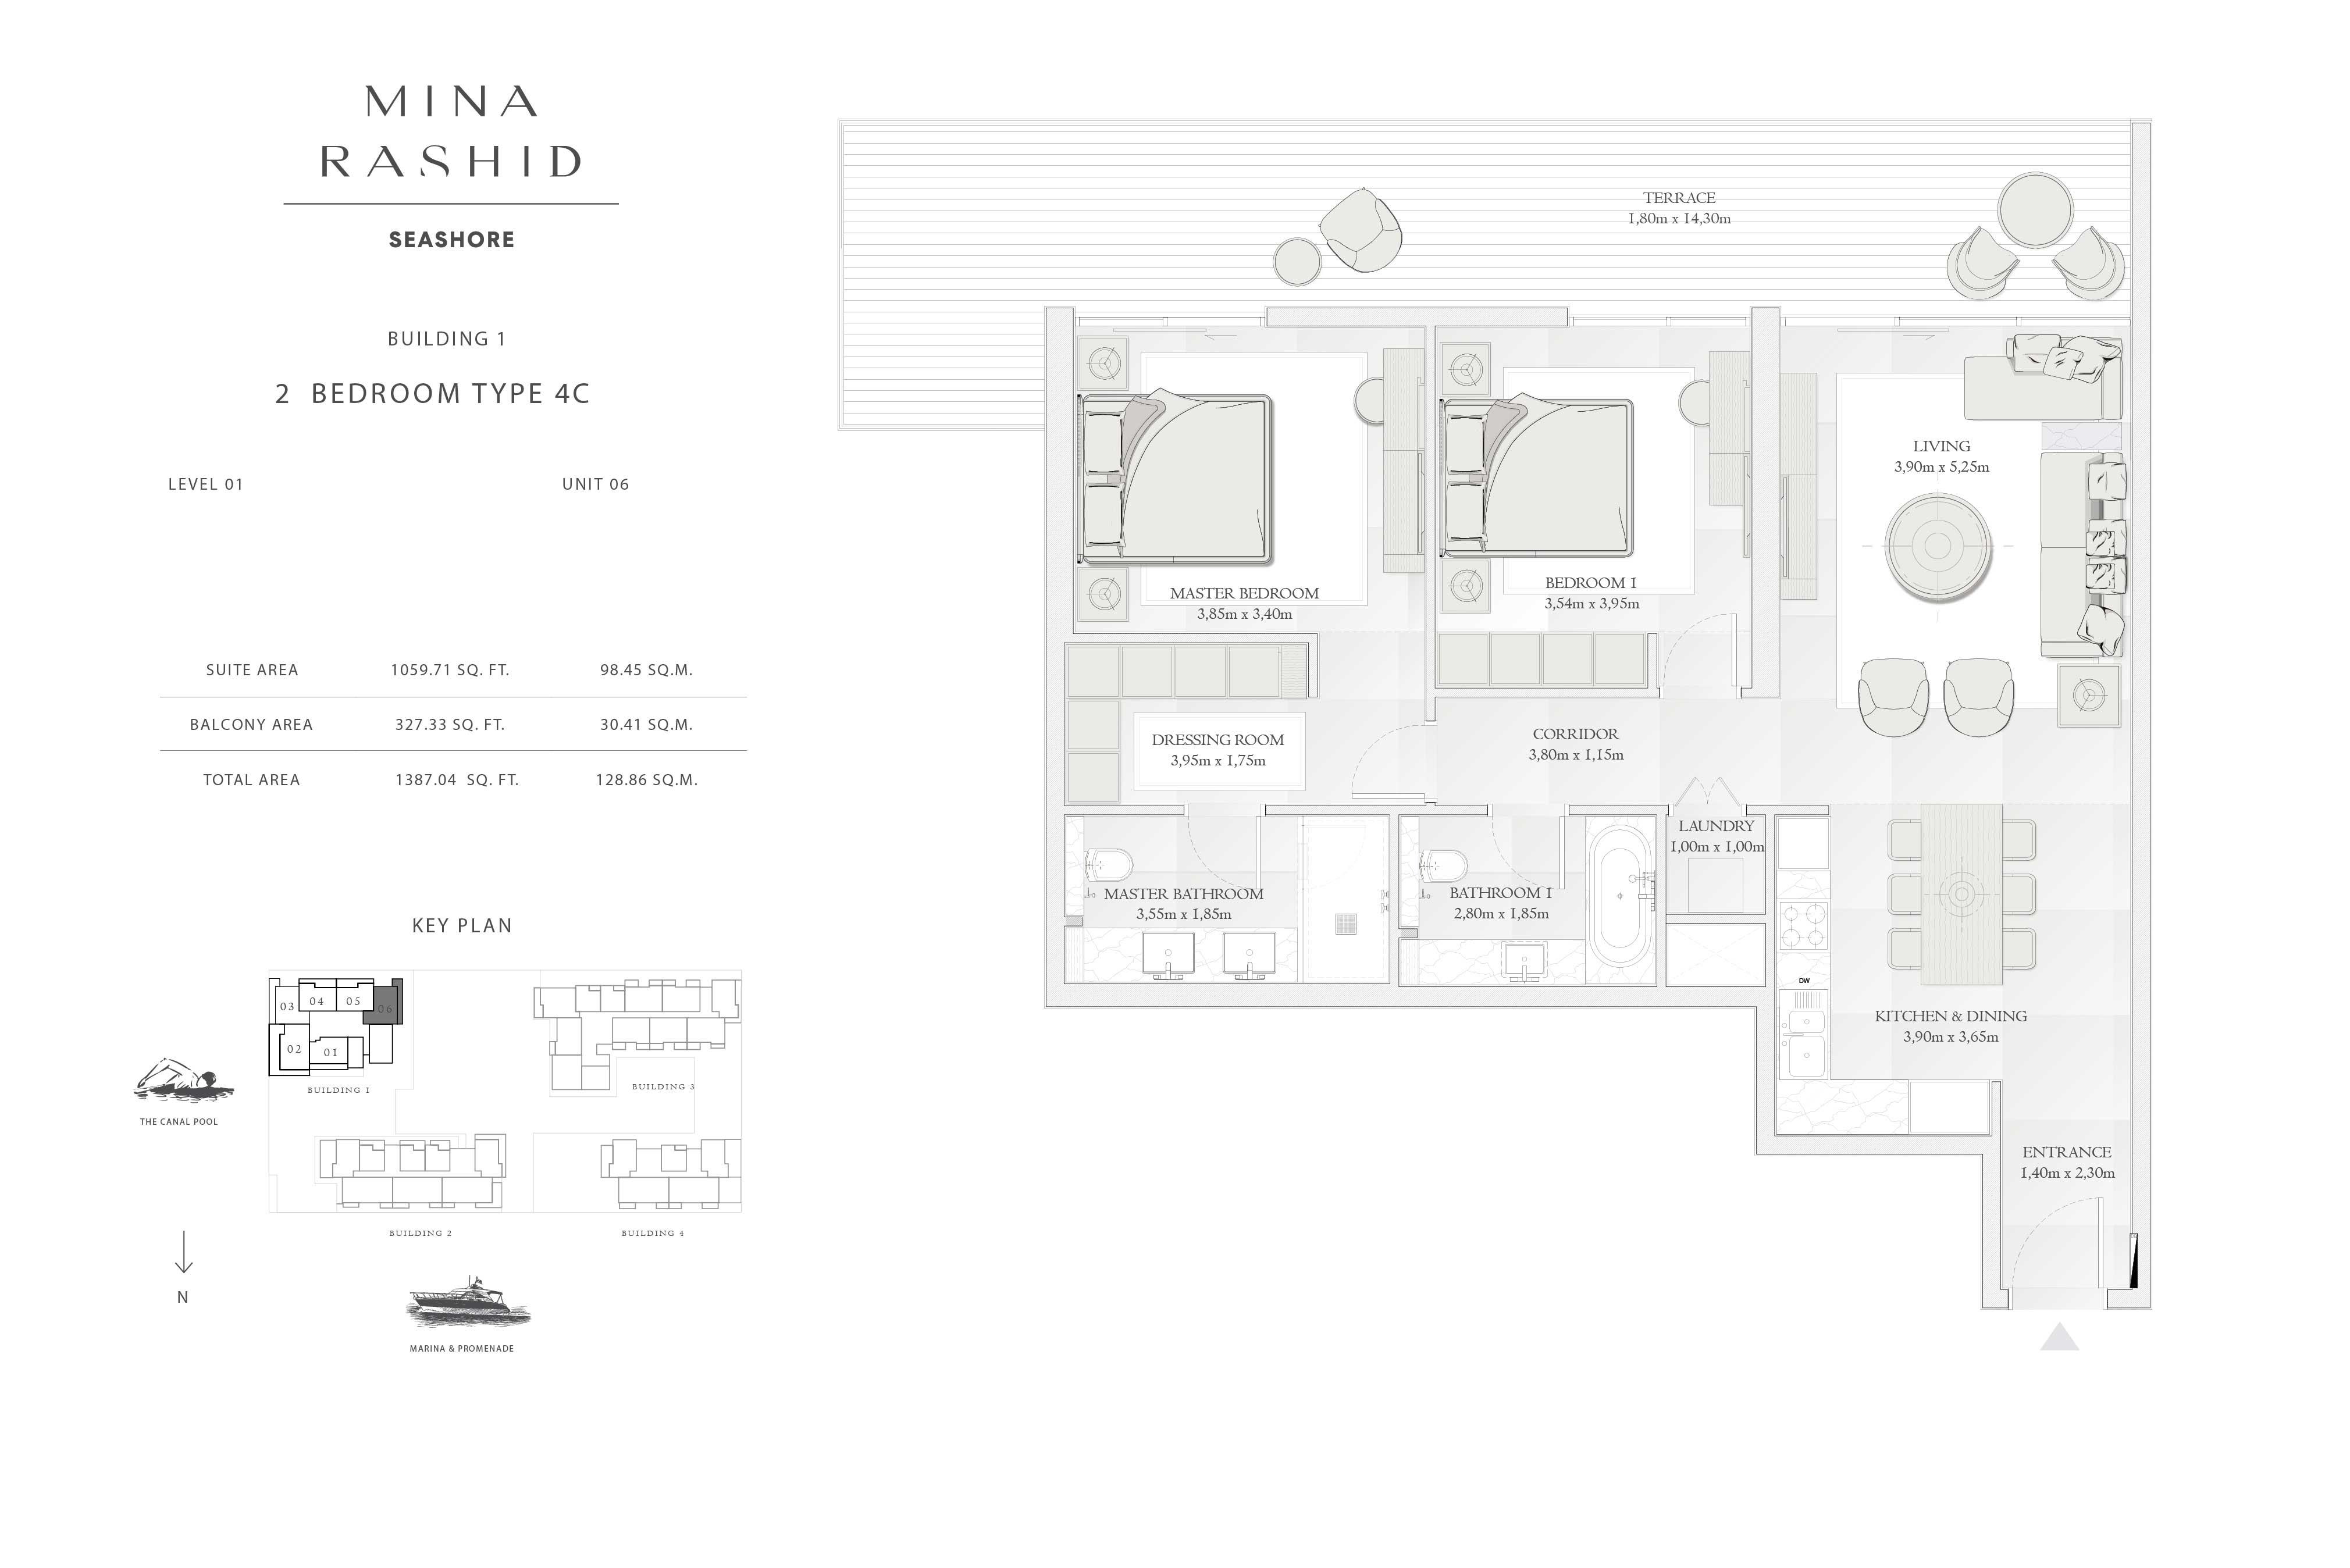 Building-1, 2-Bedroom-Type-4C, Size-1387-Sq-Ft